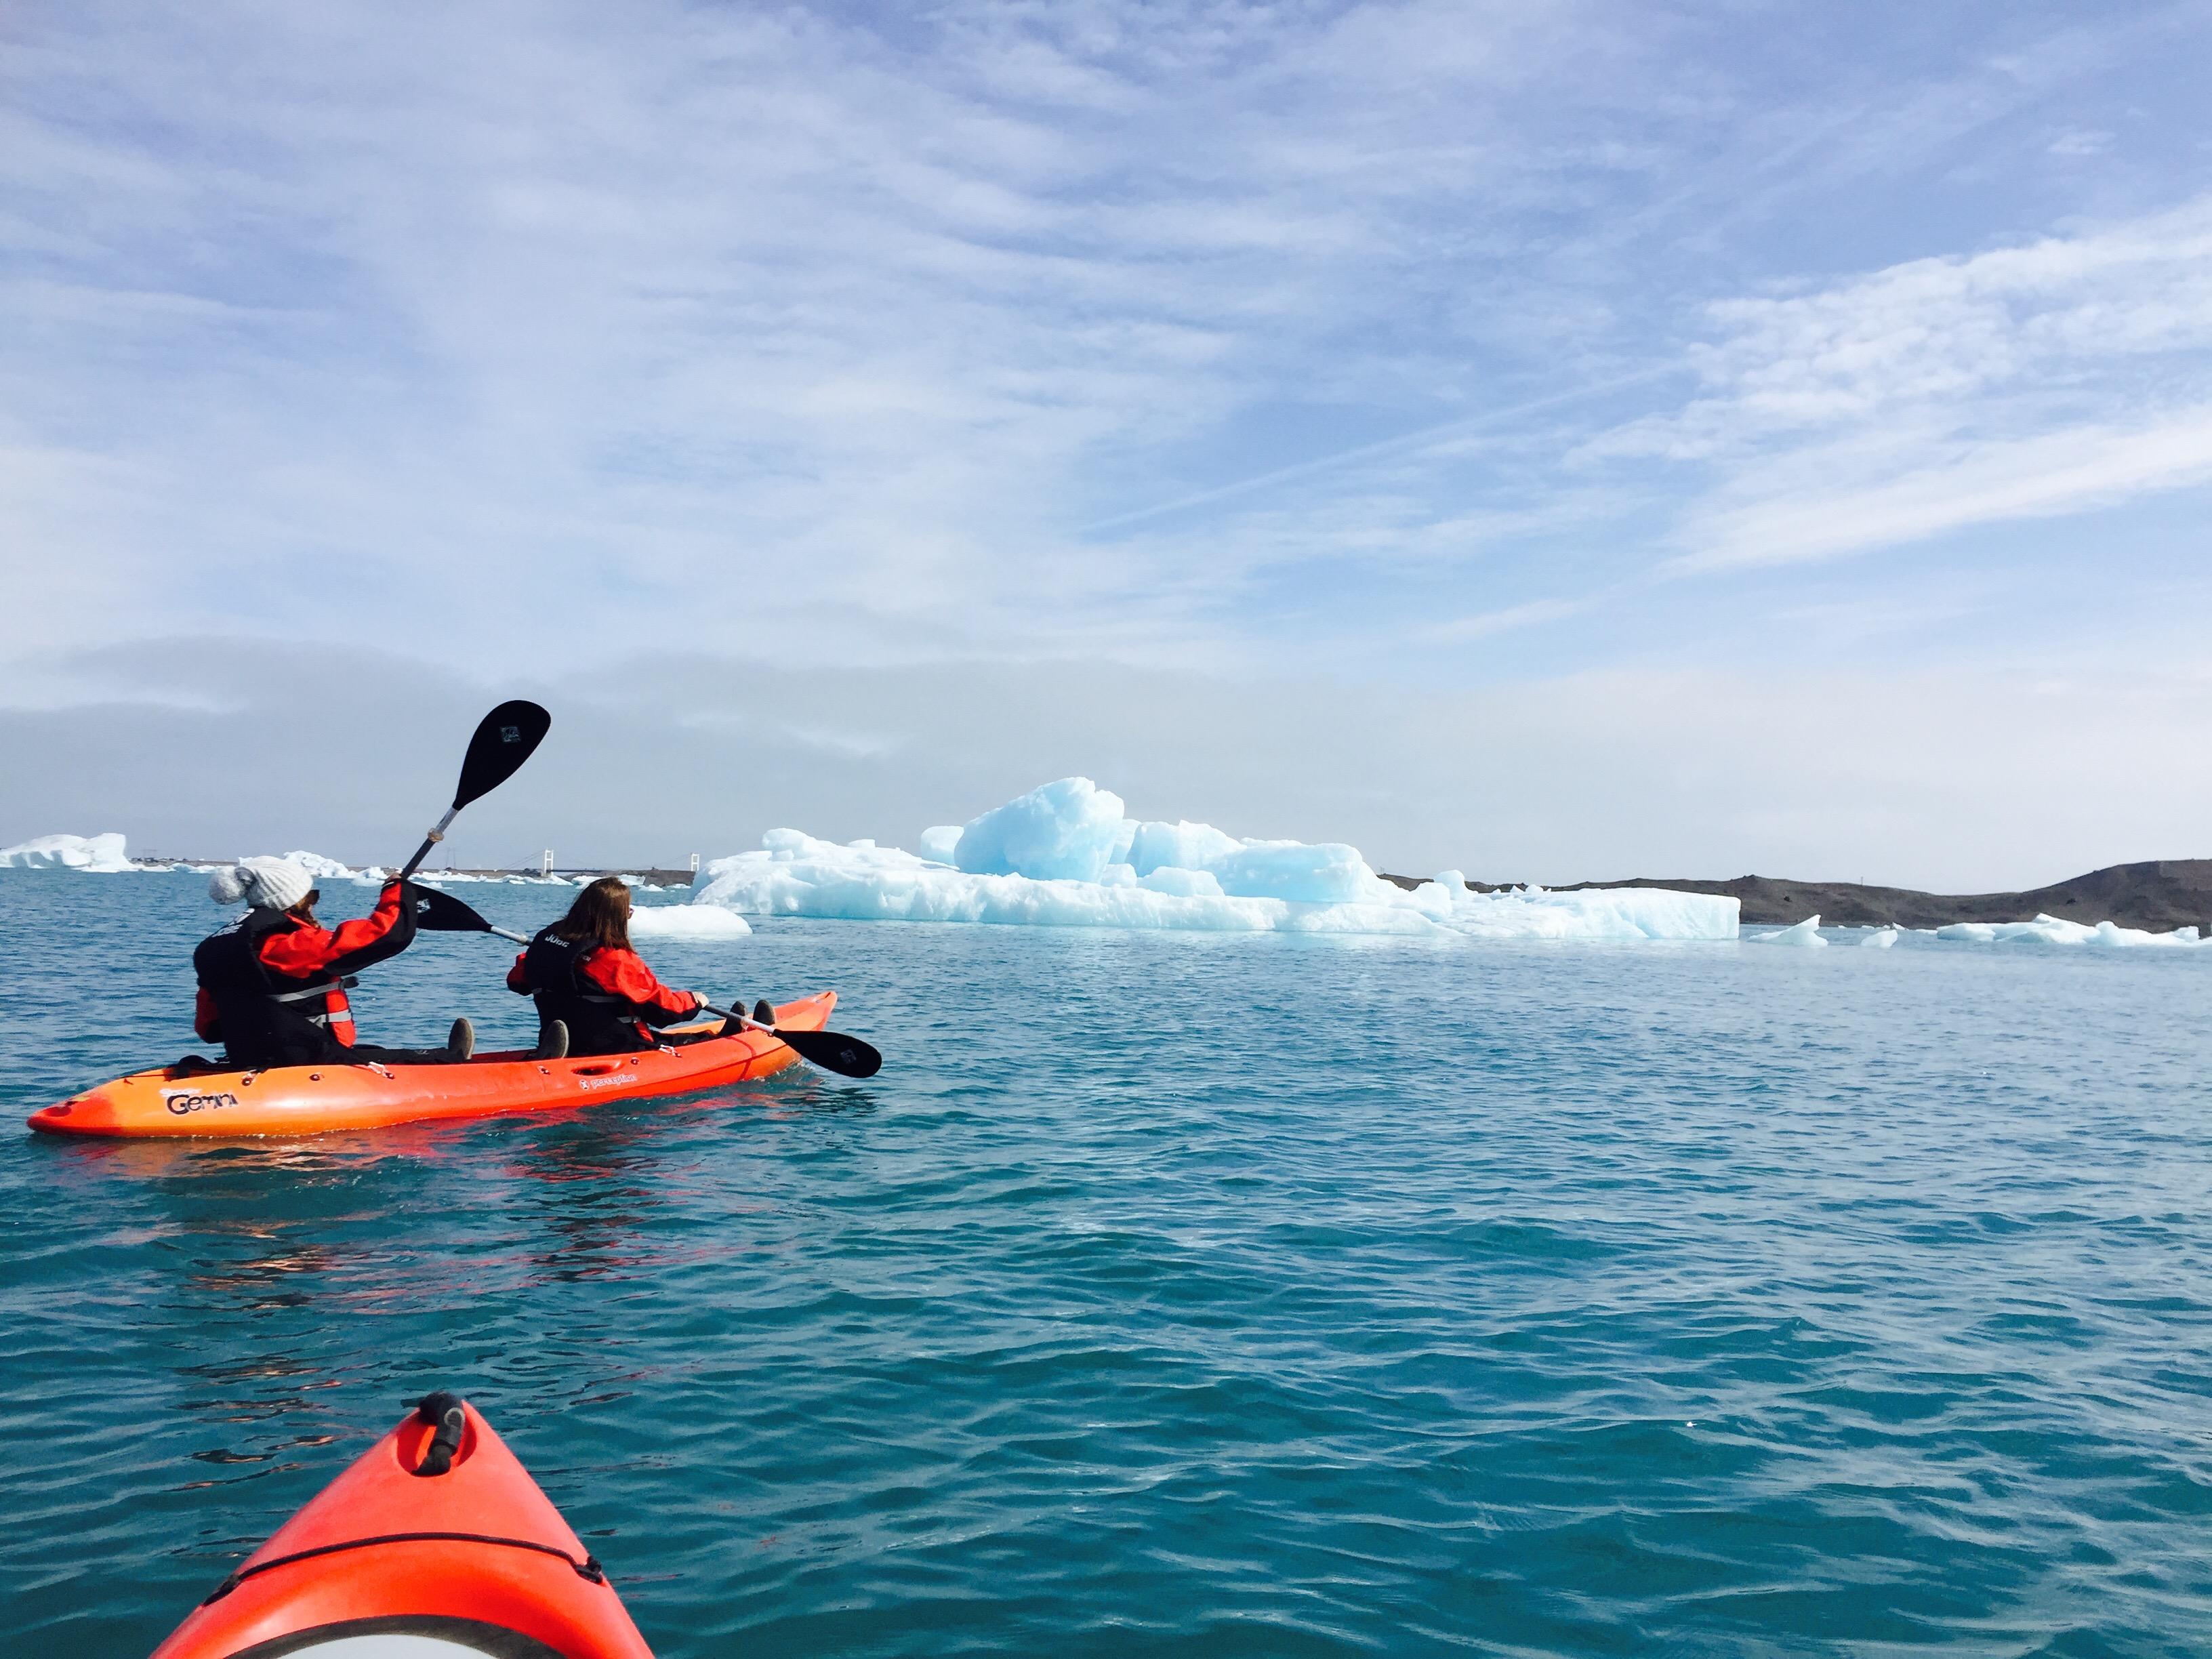 杰古沙龙冰河湖景色纯净而静谧,是冰岛最著名的自然景点之一。